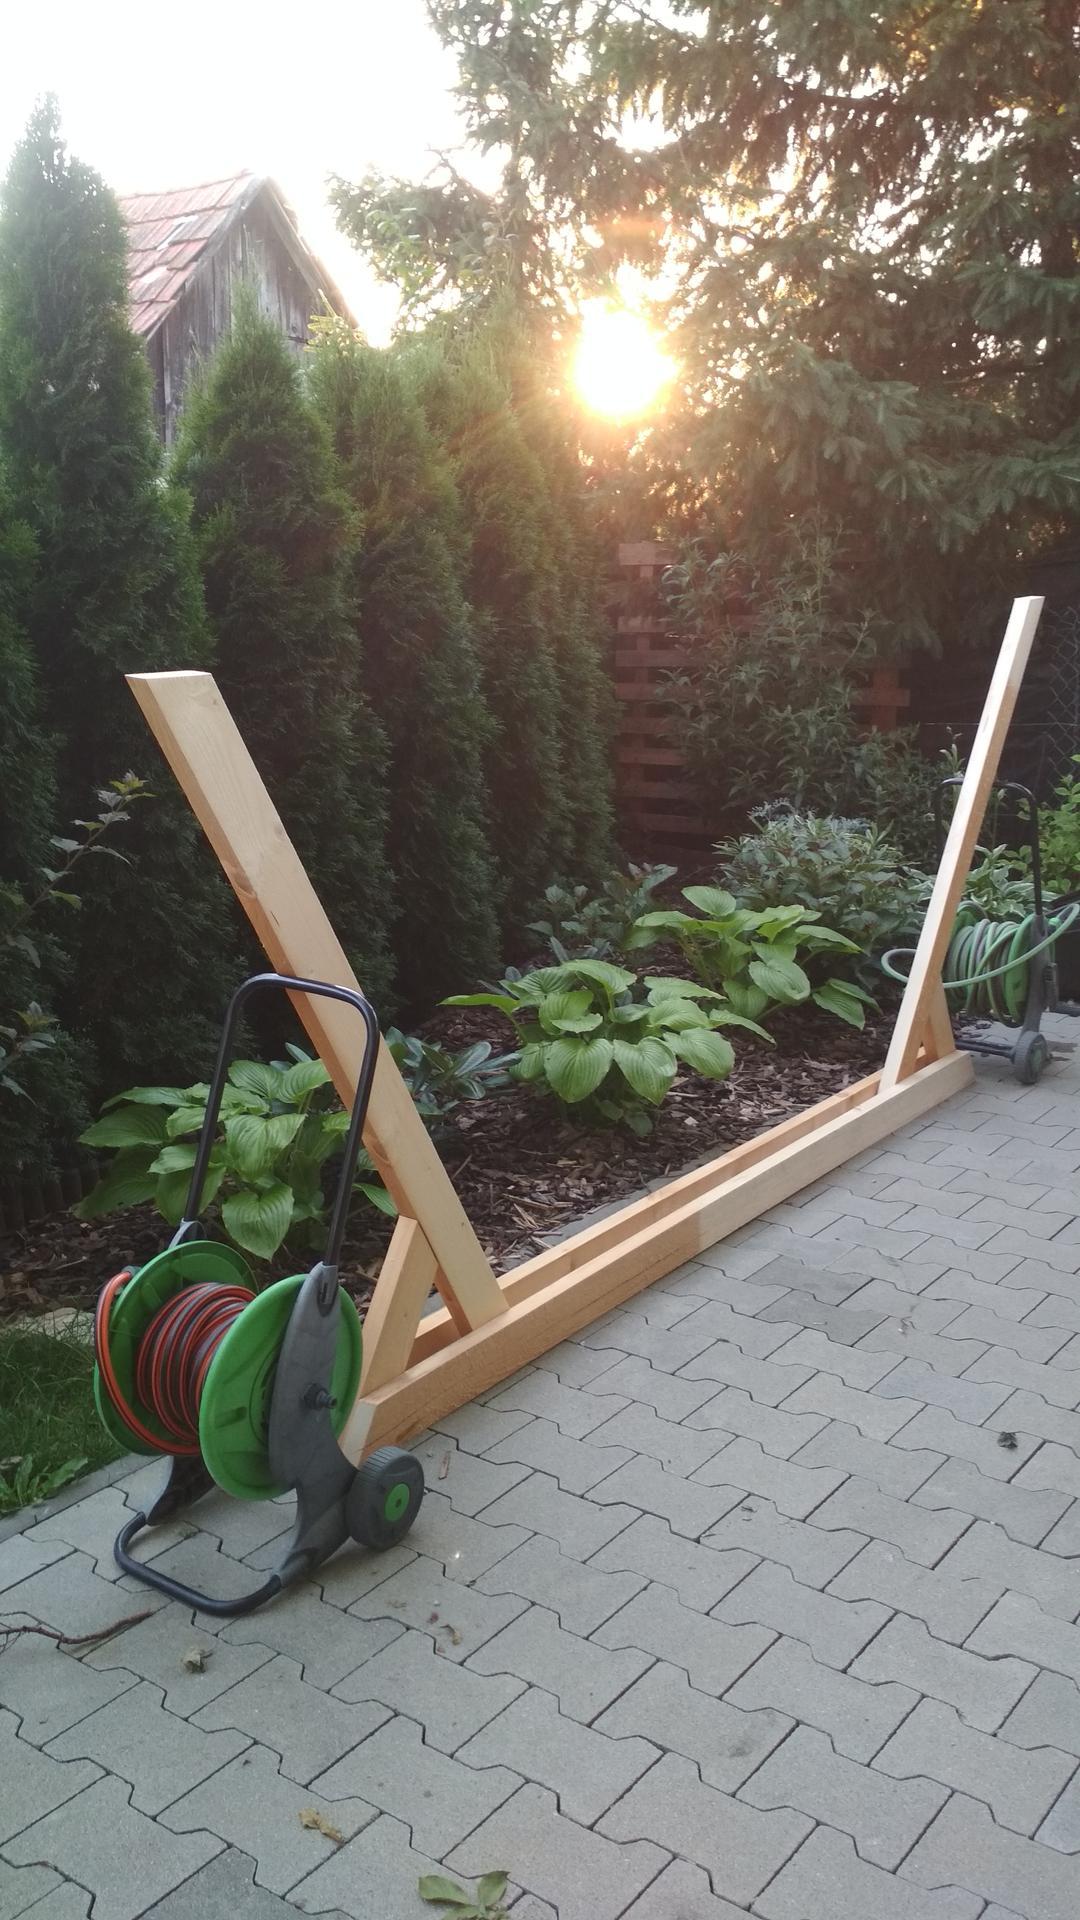 Drevený stojan na hojdaciu sieť... relax v záhrade - Obrázok č. 14